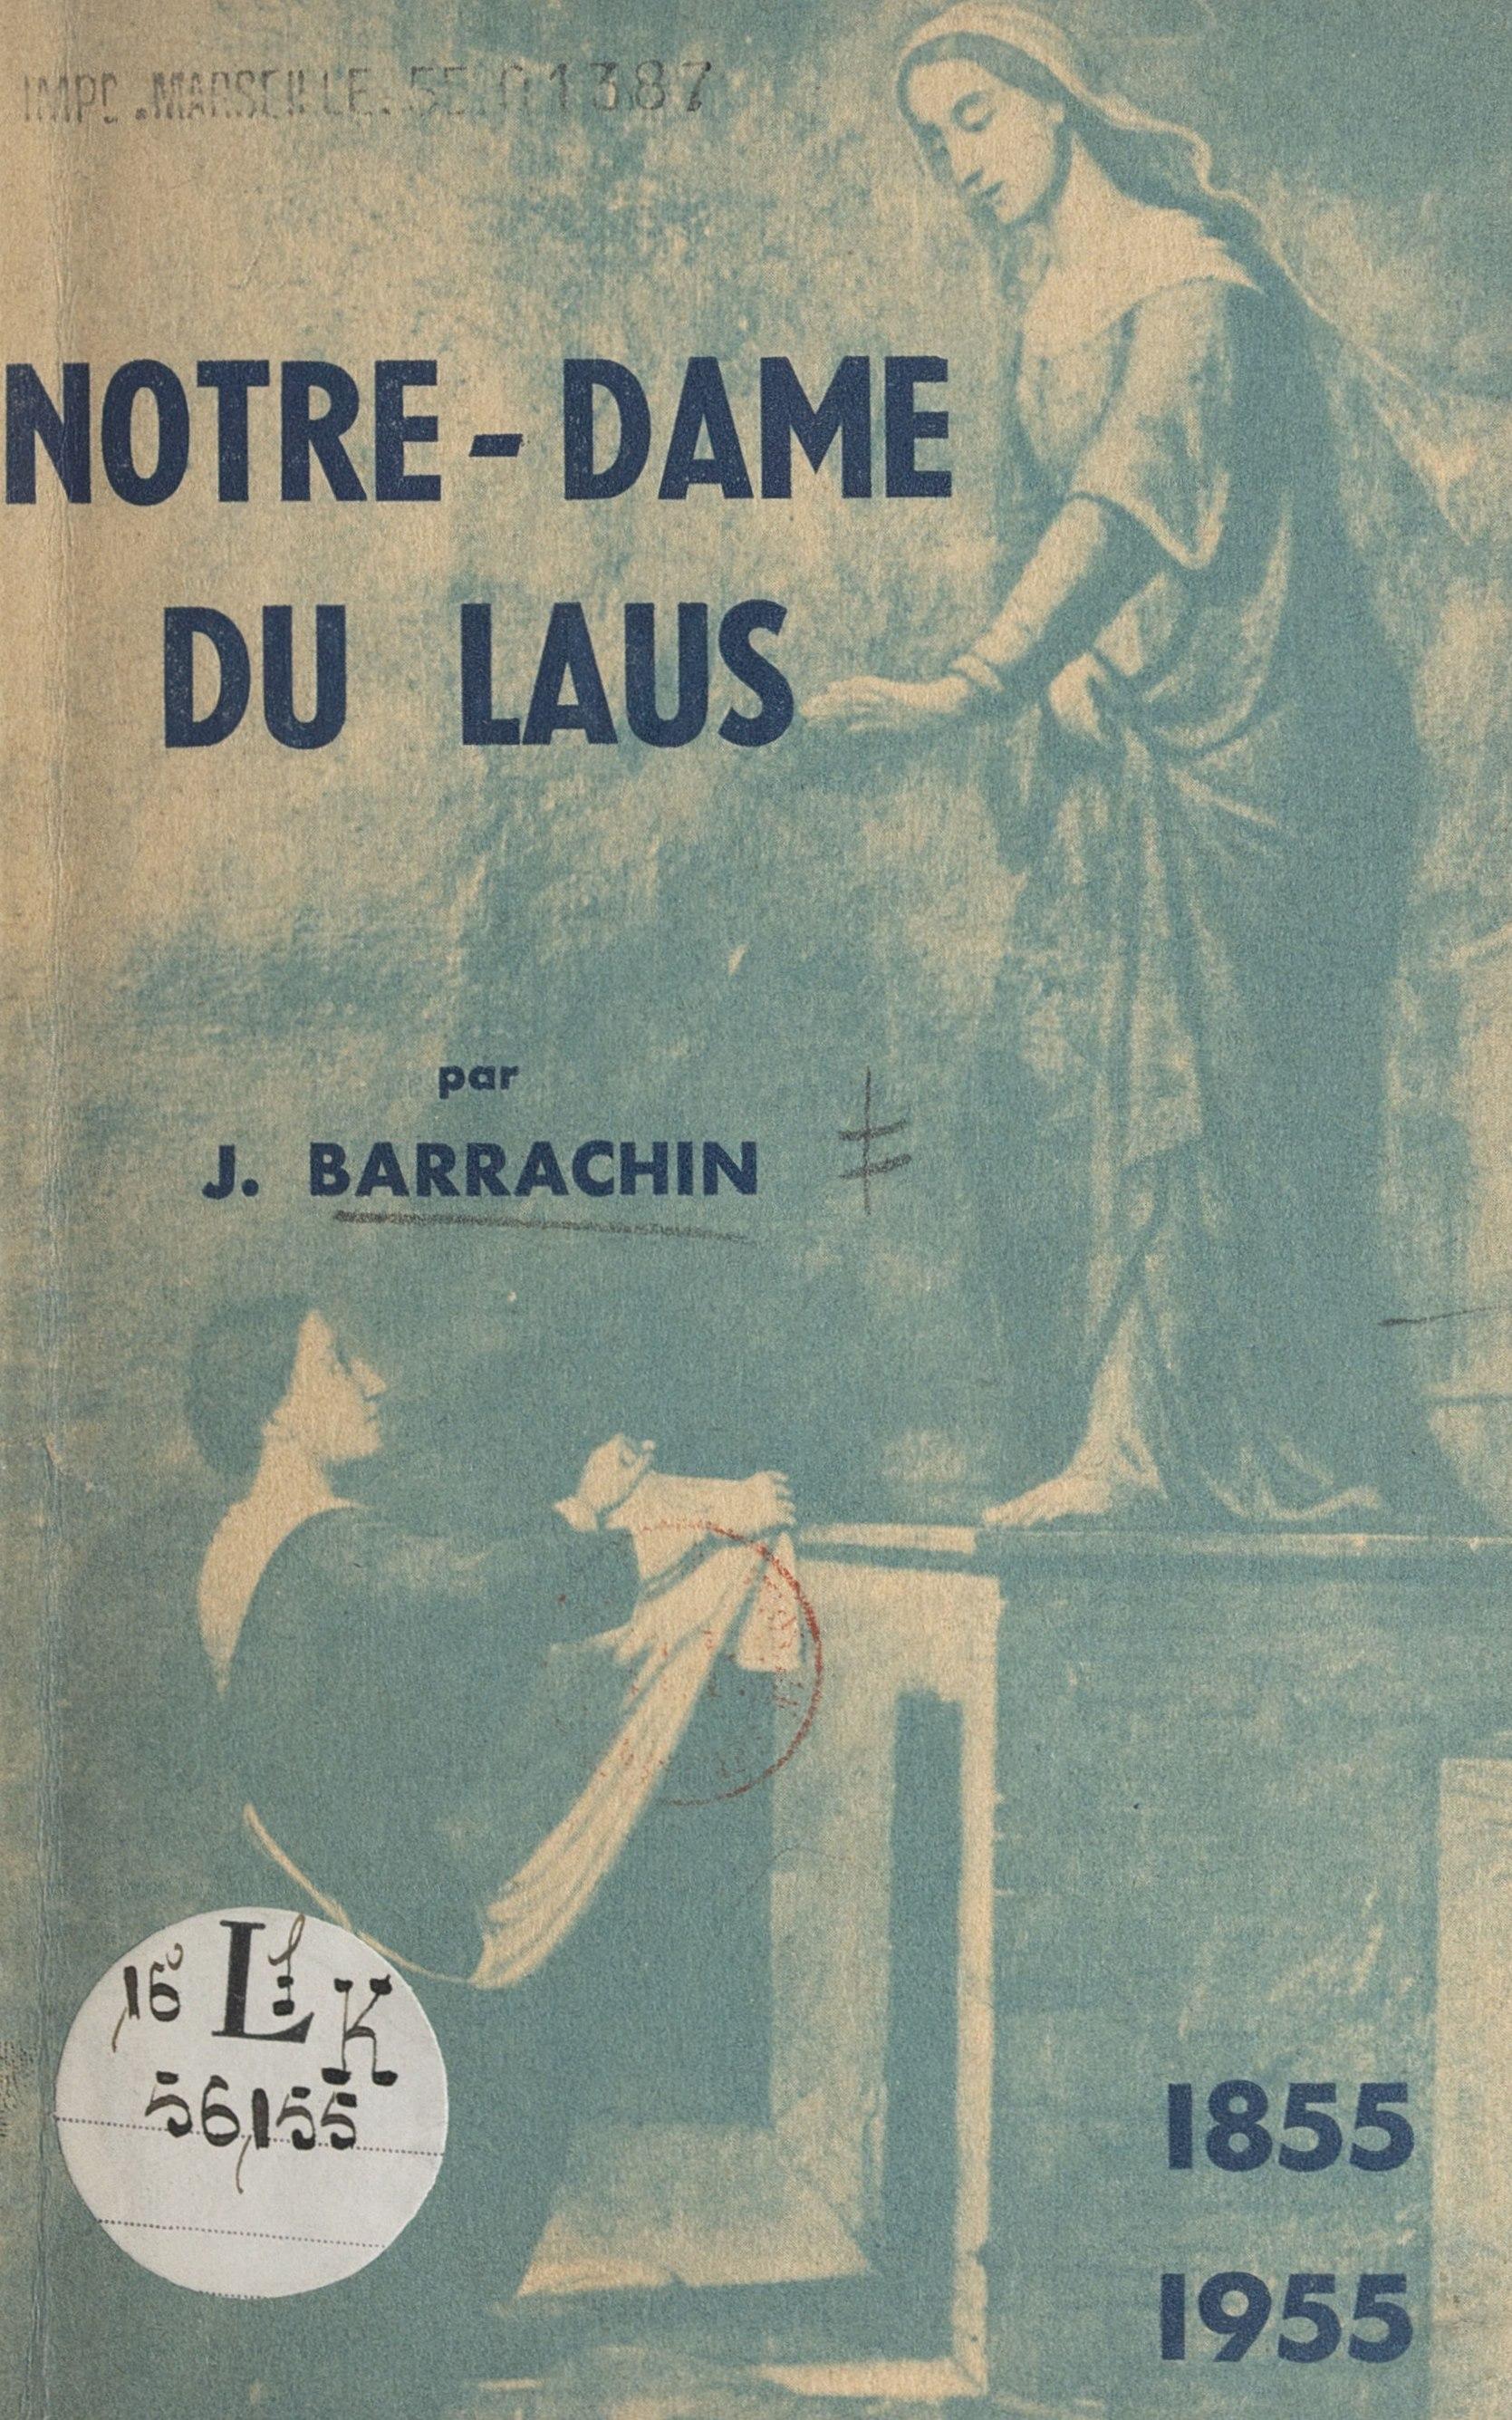 Notre-Dame du Laus, 1855-1955